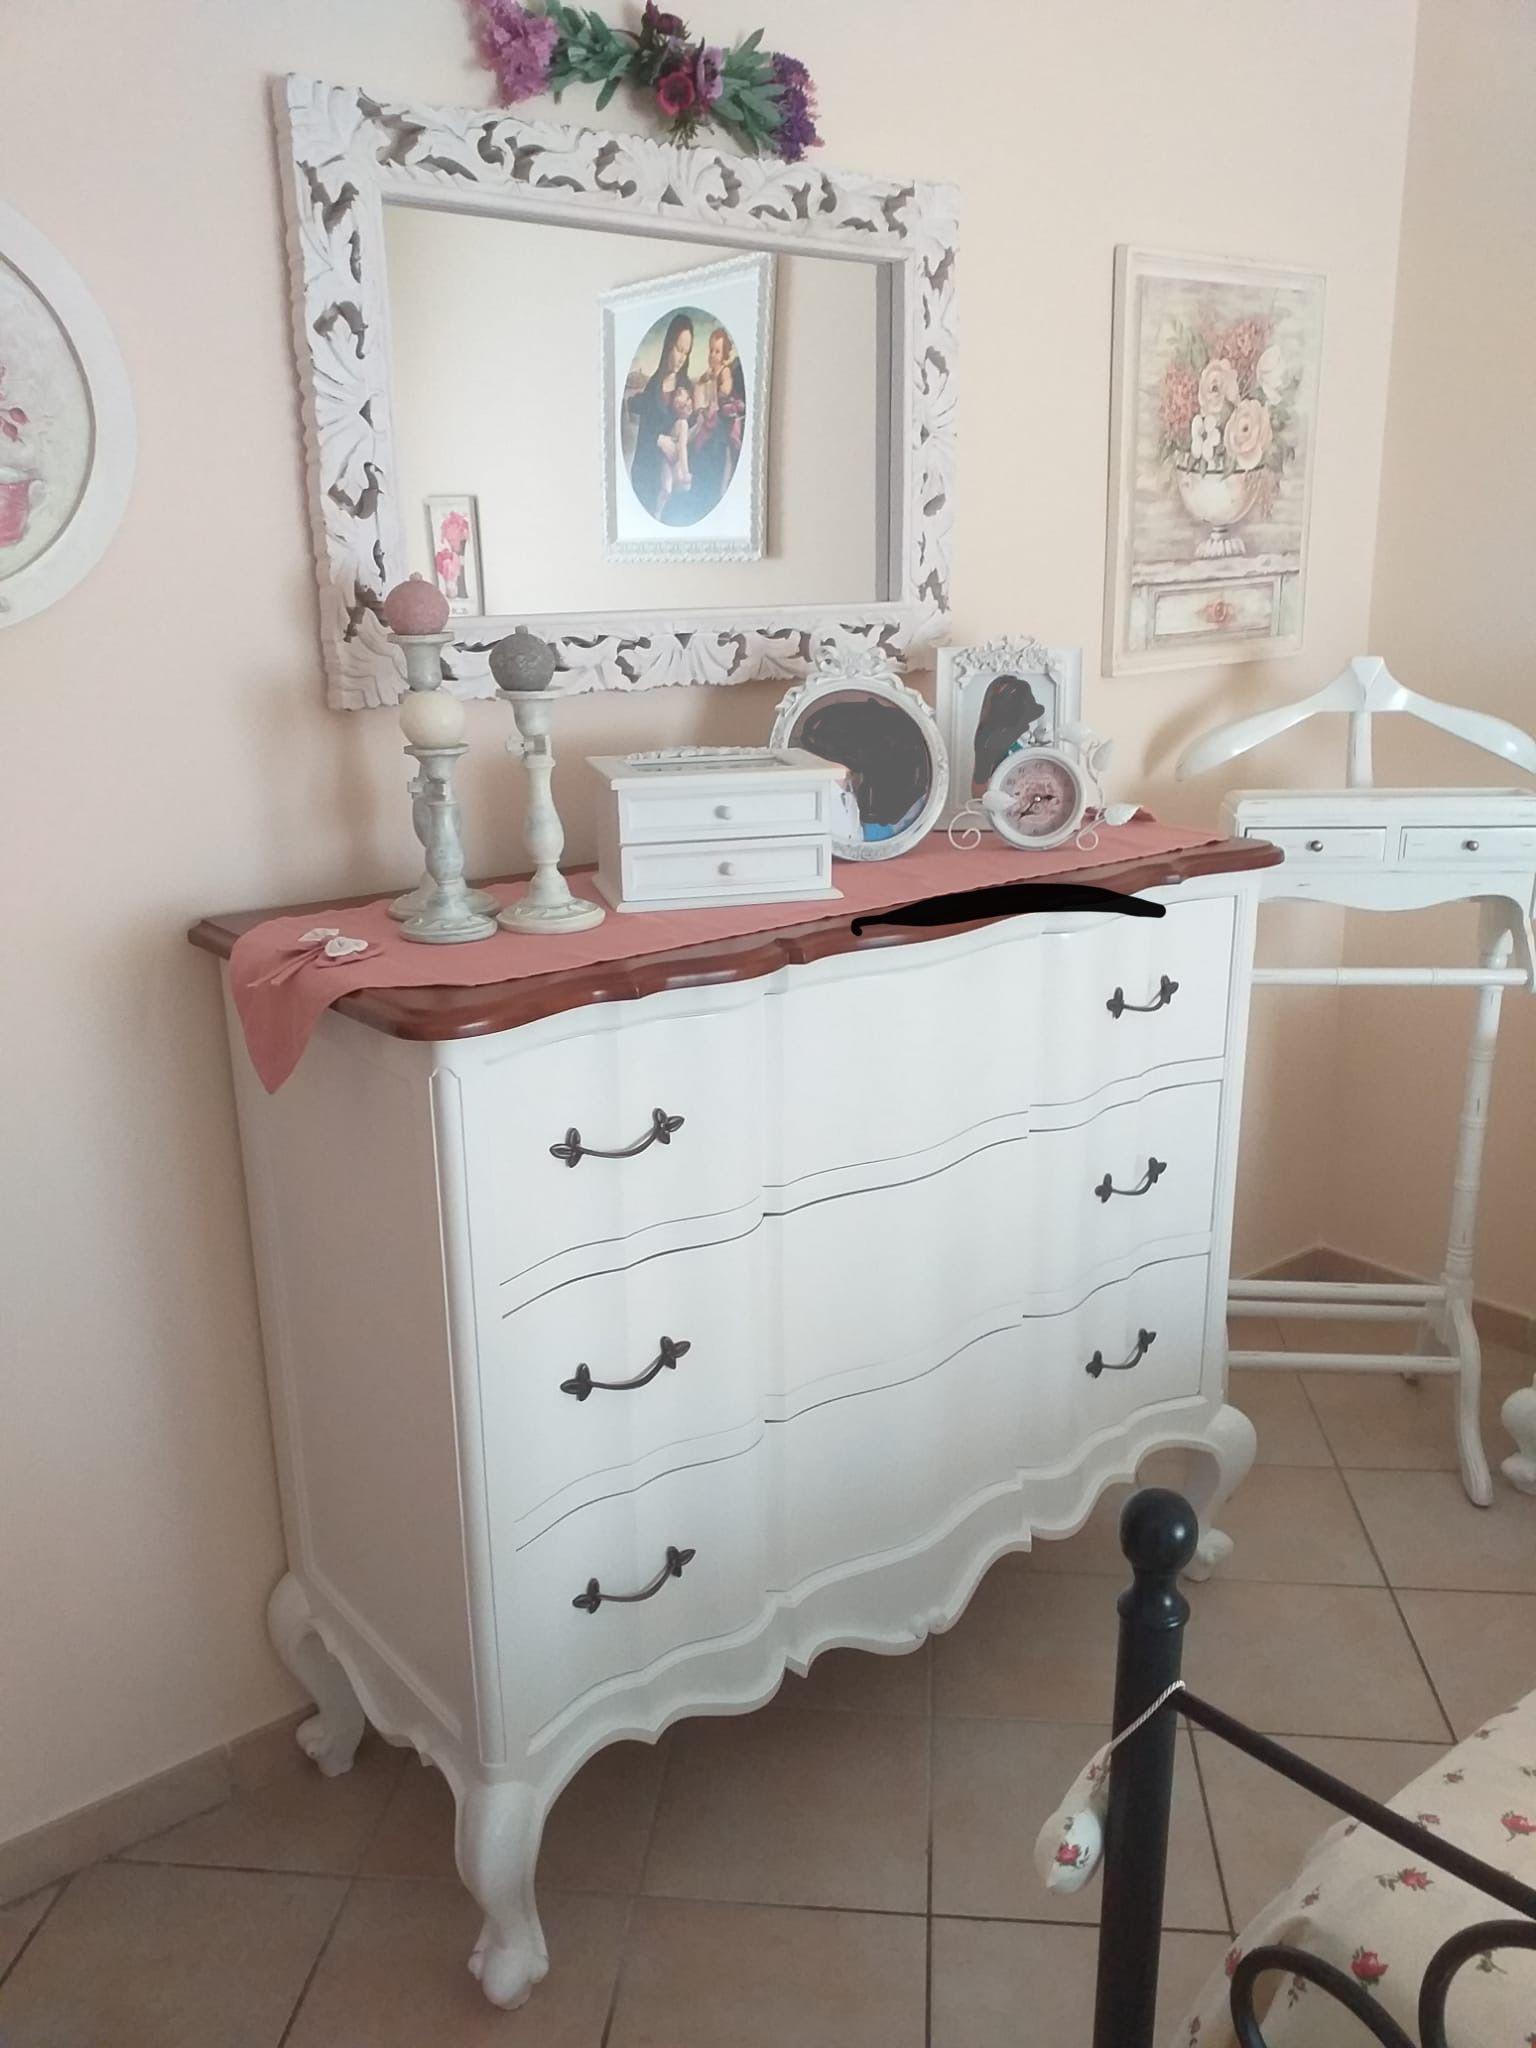 Come potete intuire dalle immagini i mobili in legno sono quelli utilizzati nella maggior parte dei casi. Pin Su Antarte Arredamenti Palermo